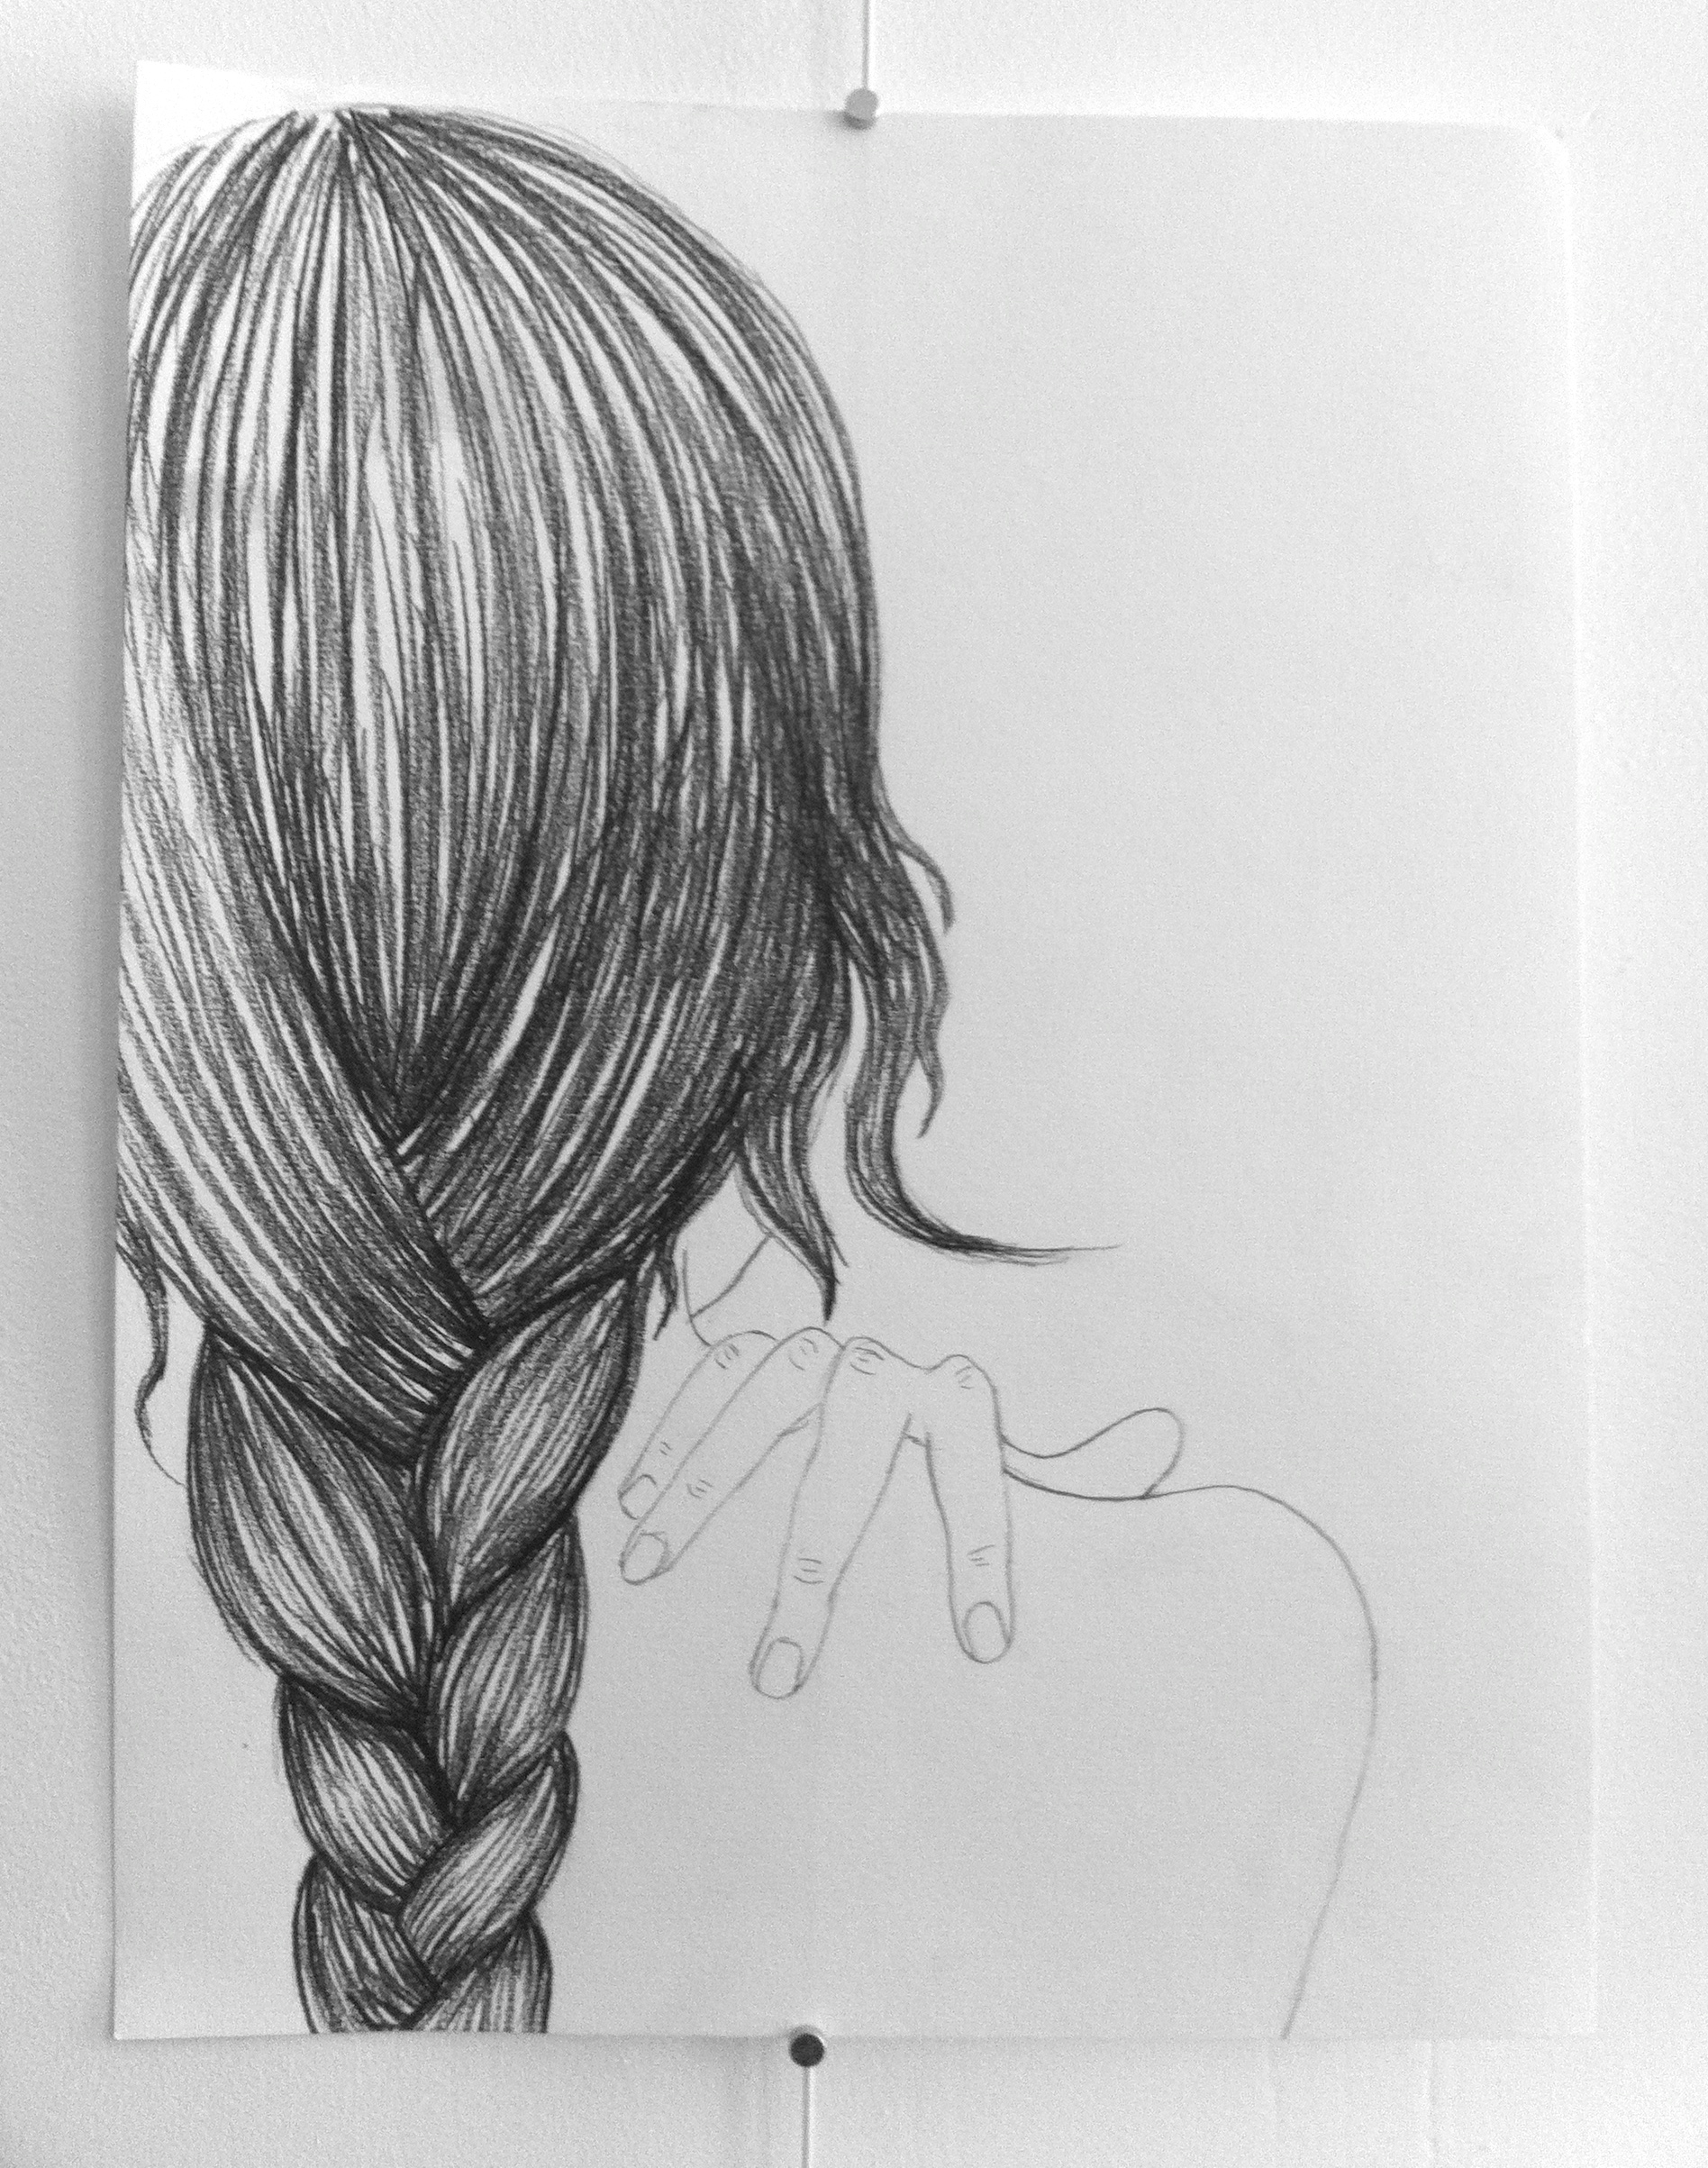 Drawn braid braided hair Draw Google Search a Search